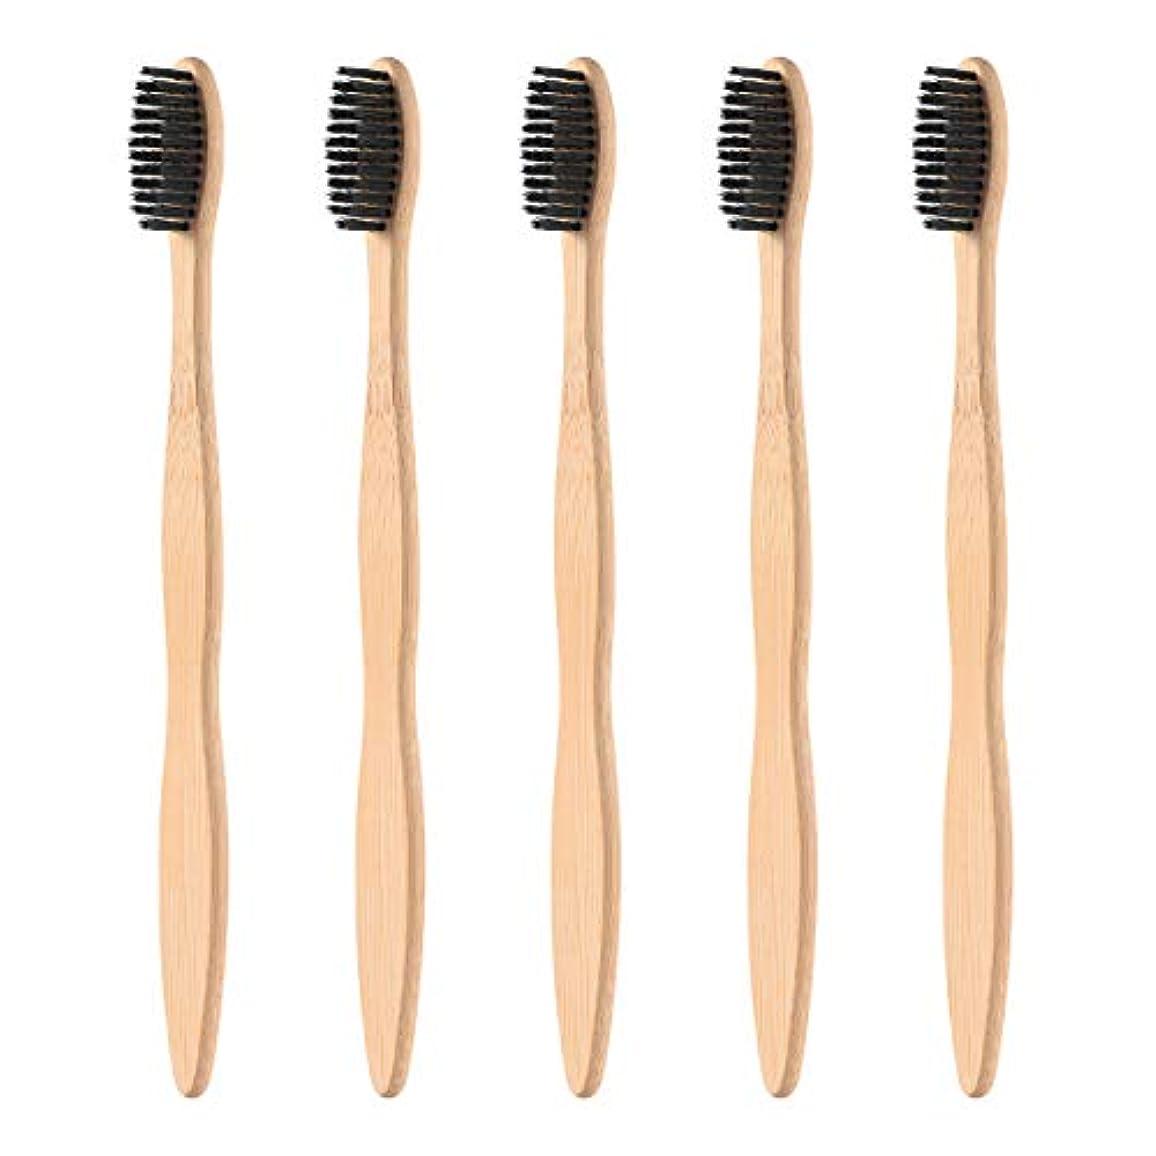 津波暗黙想起Healifty 柔らかい黒い剛毛が付いている5pcsタケハンドルの歯ブラシの自然な木のEcoの友好的な歯ブラシ